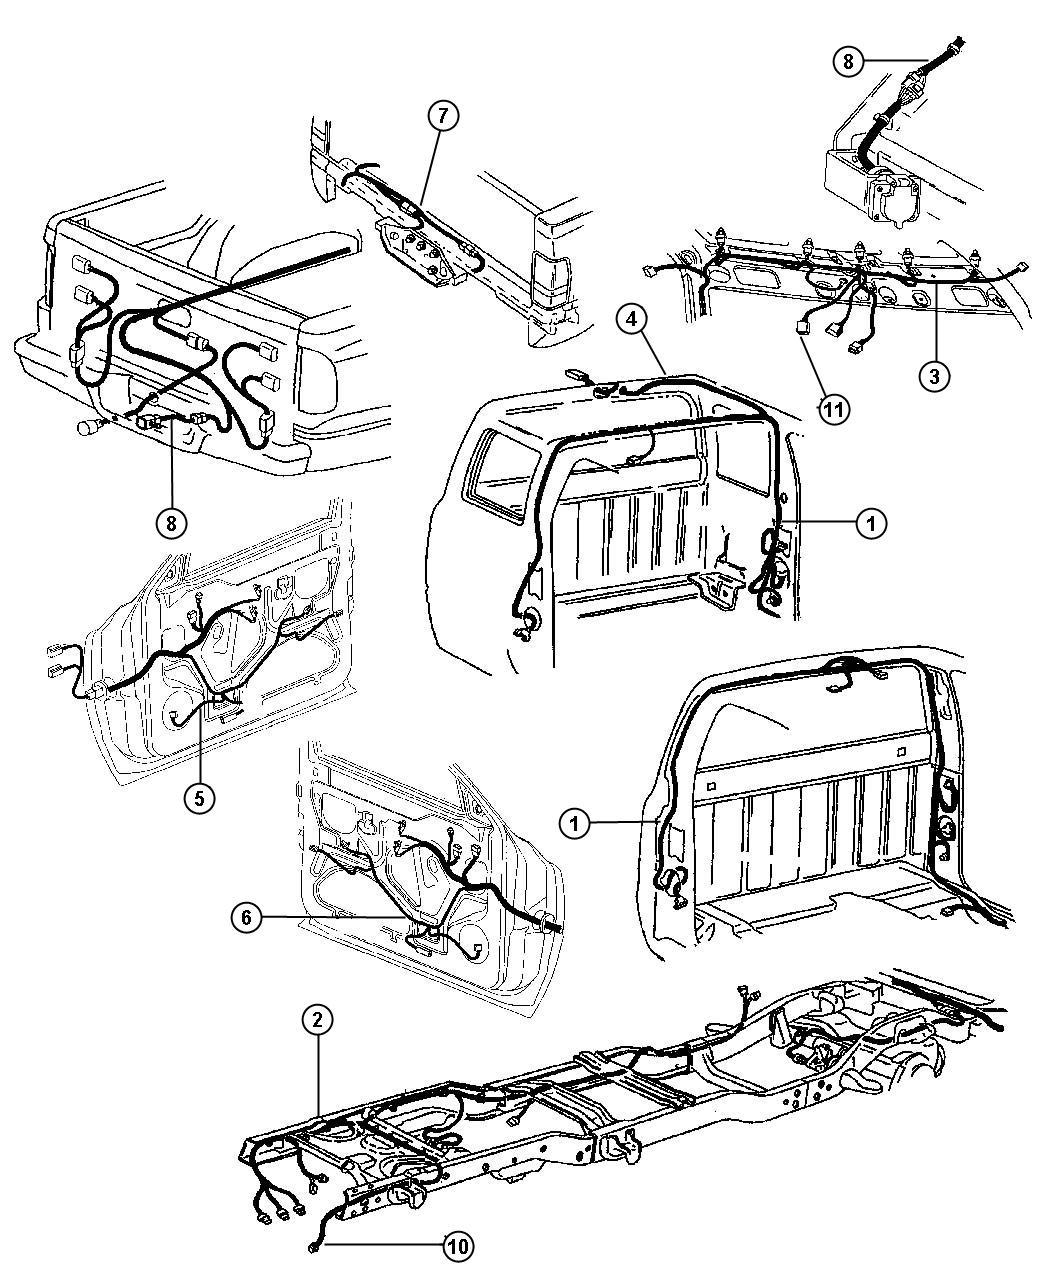 1999 Dodge Ram 3500 Wiring. Air intake heater. Wiring. Air